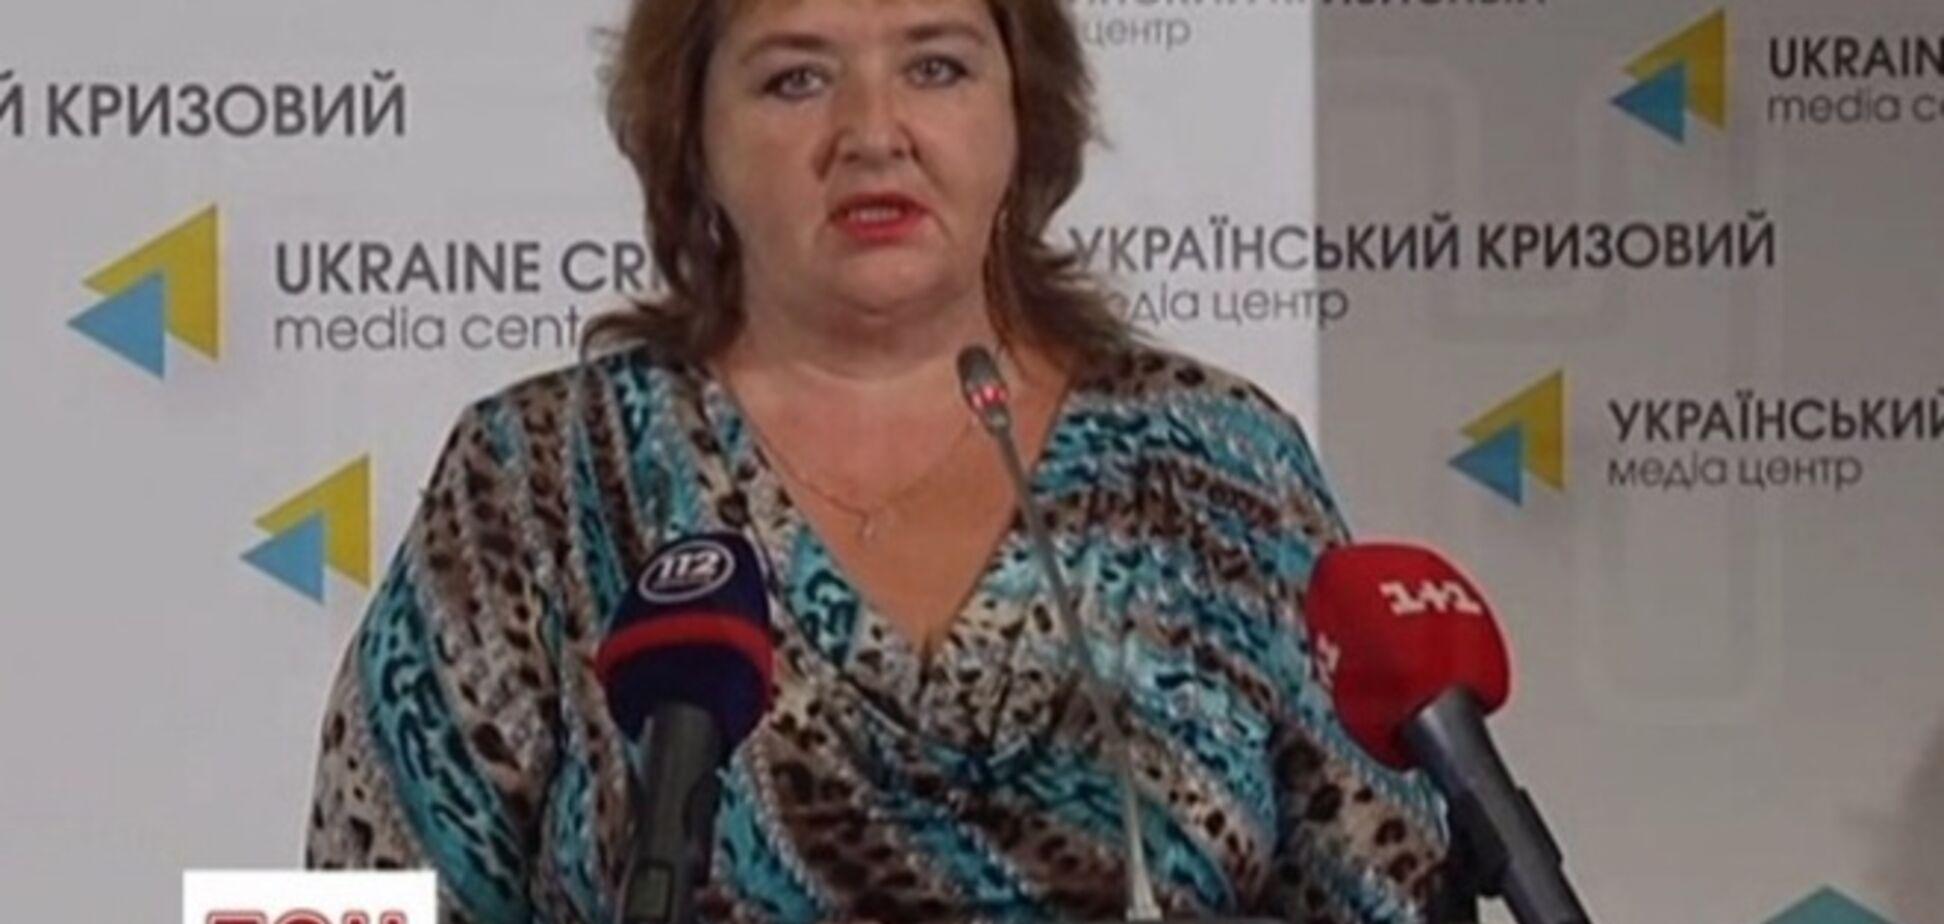 Российские активисты собирают для Гаагского суда доказательства преступлений Путина